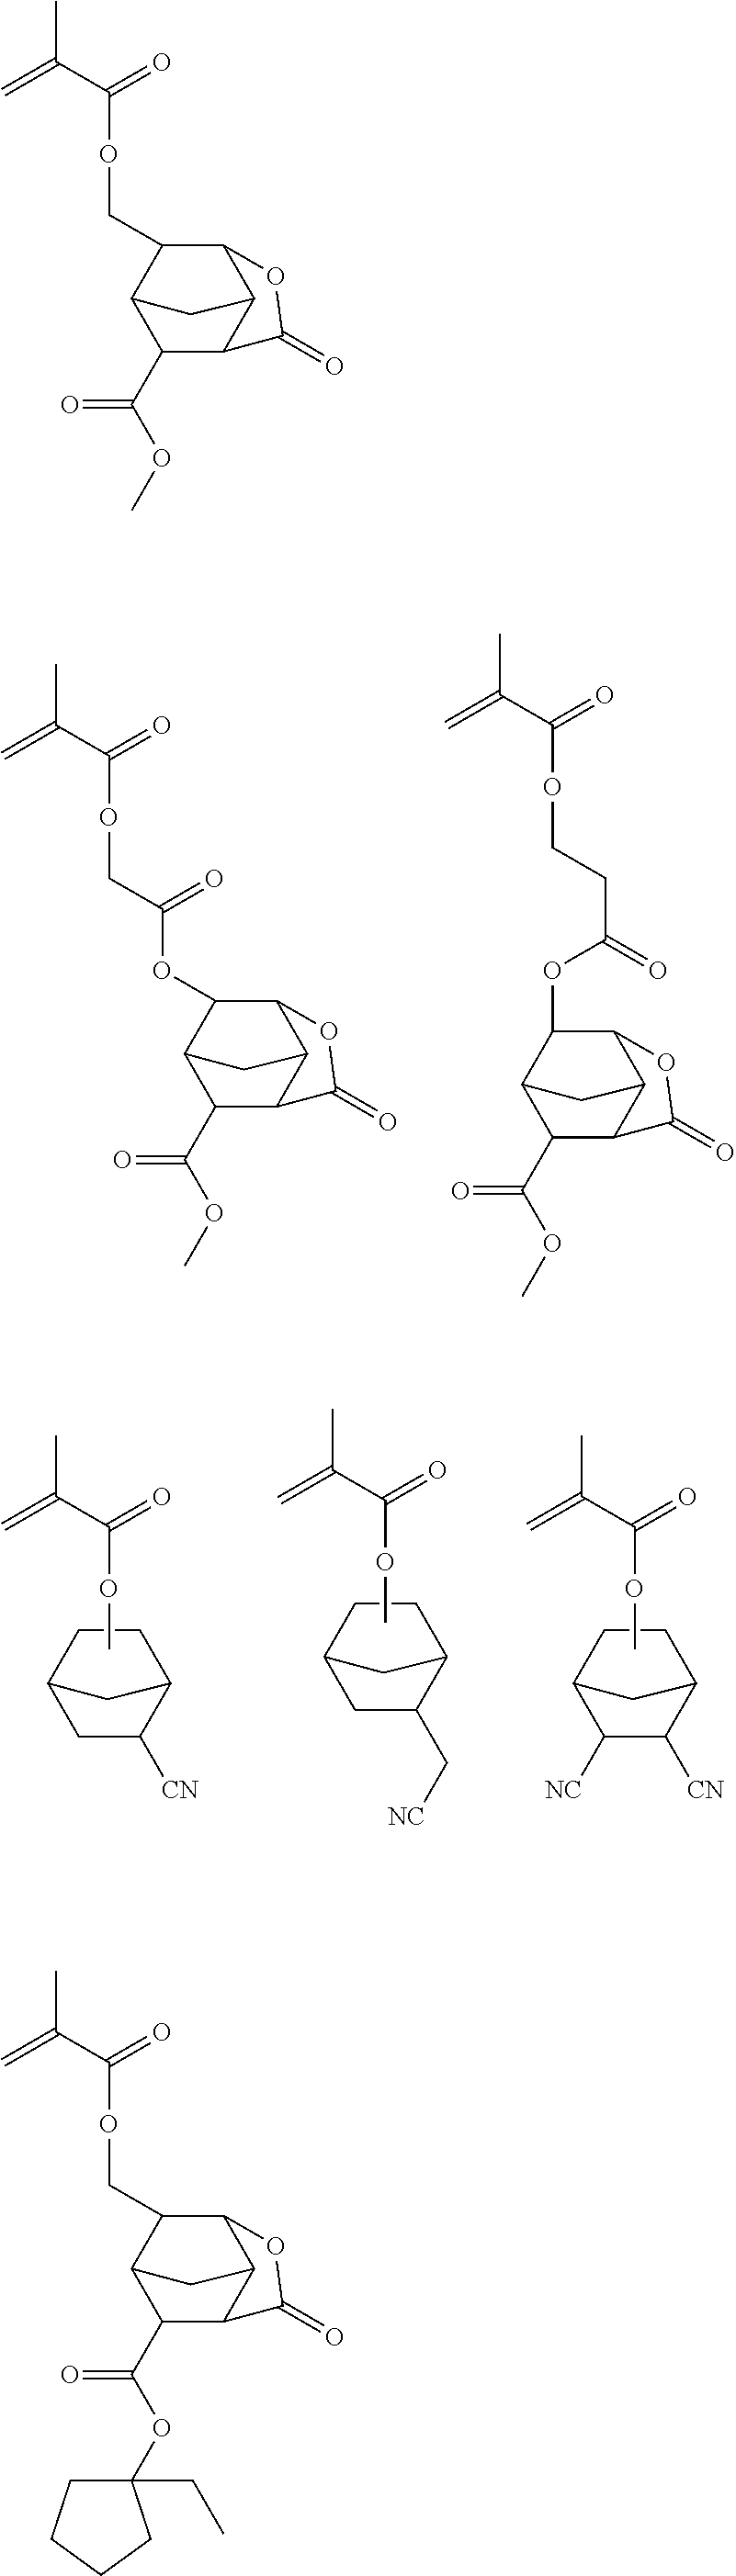 Figure US08822136-20140902-C00070